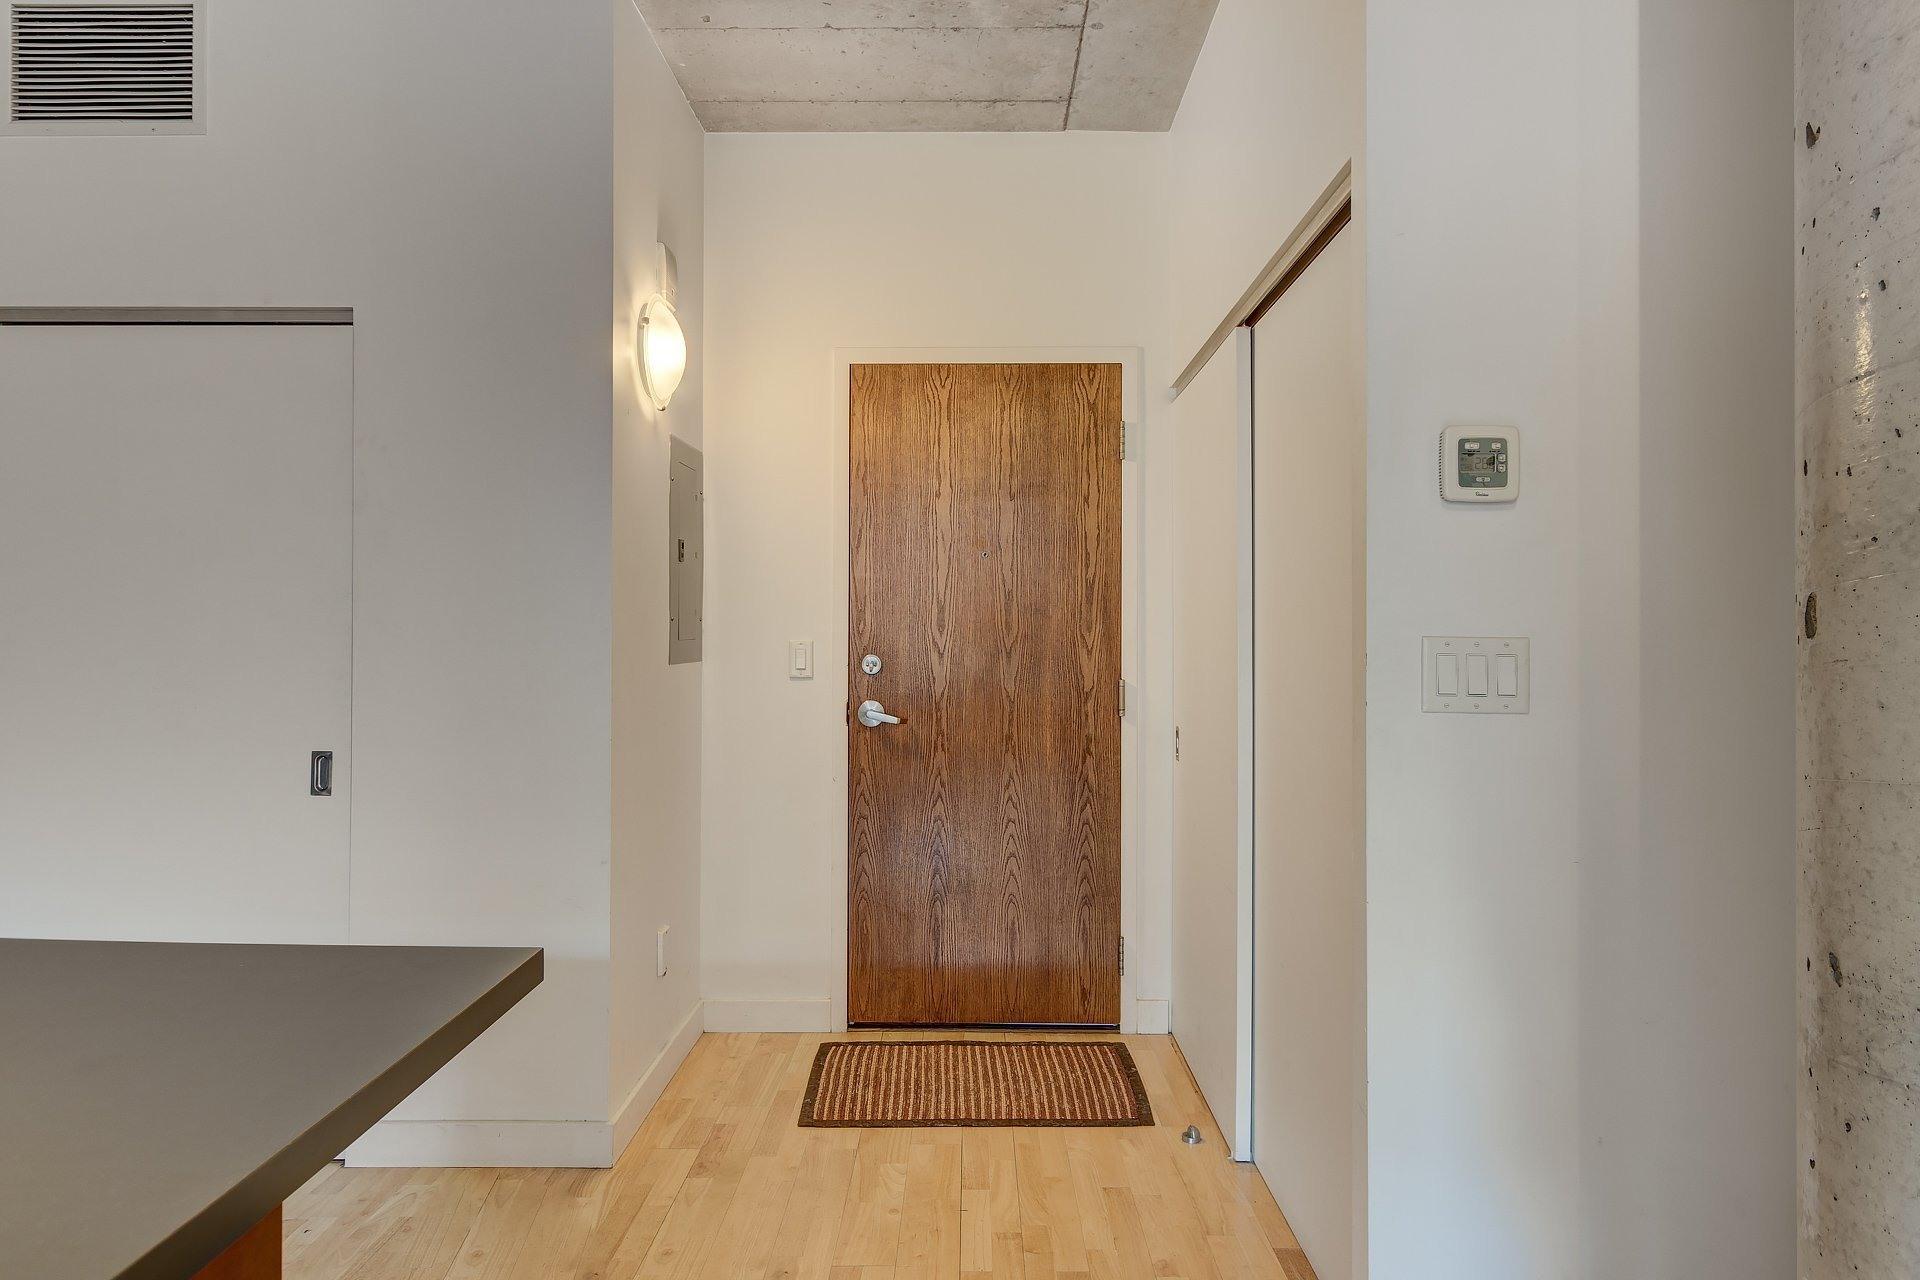 image 17 - Apartment For rent Ville-Marie Montréal  - 3 rooms